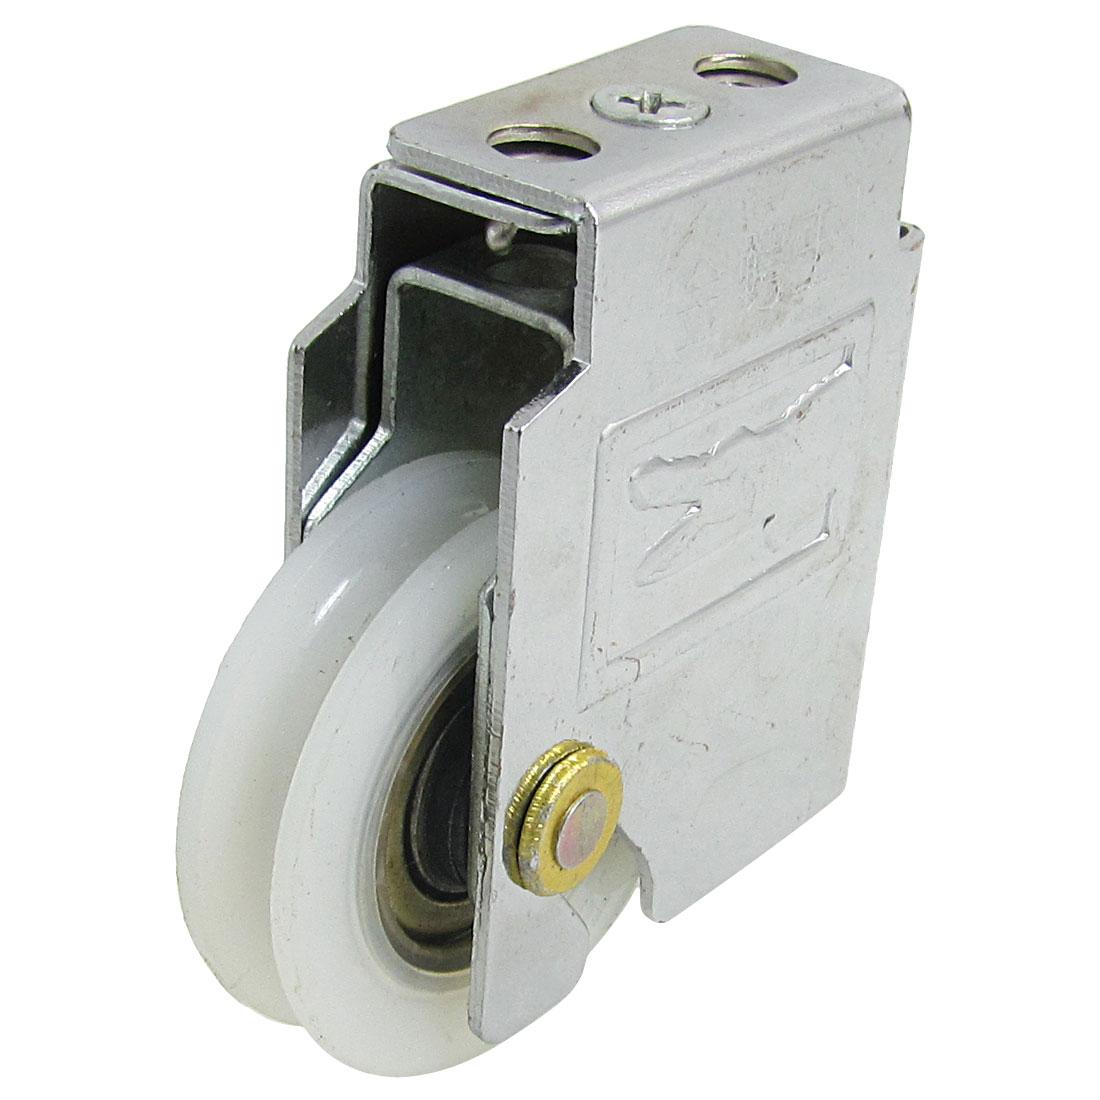 43mm Dia PU Metal Roller Door Window Sash Weight Pulley Wheel